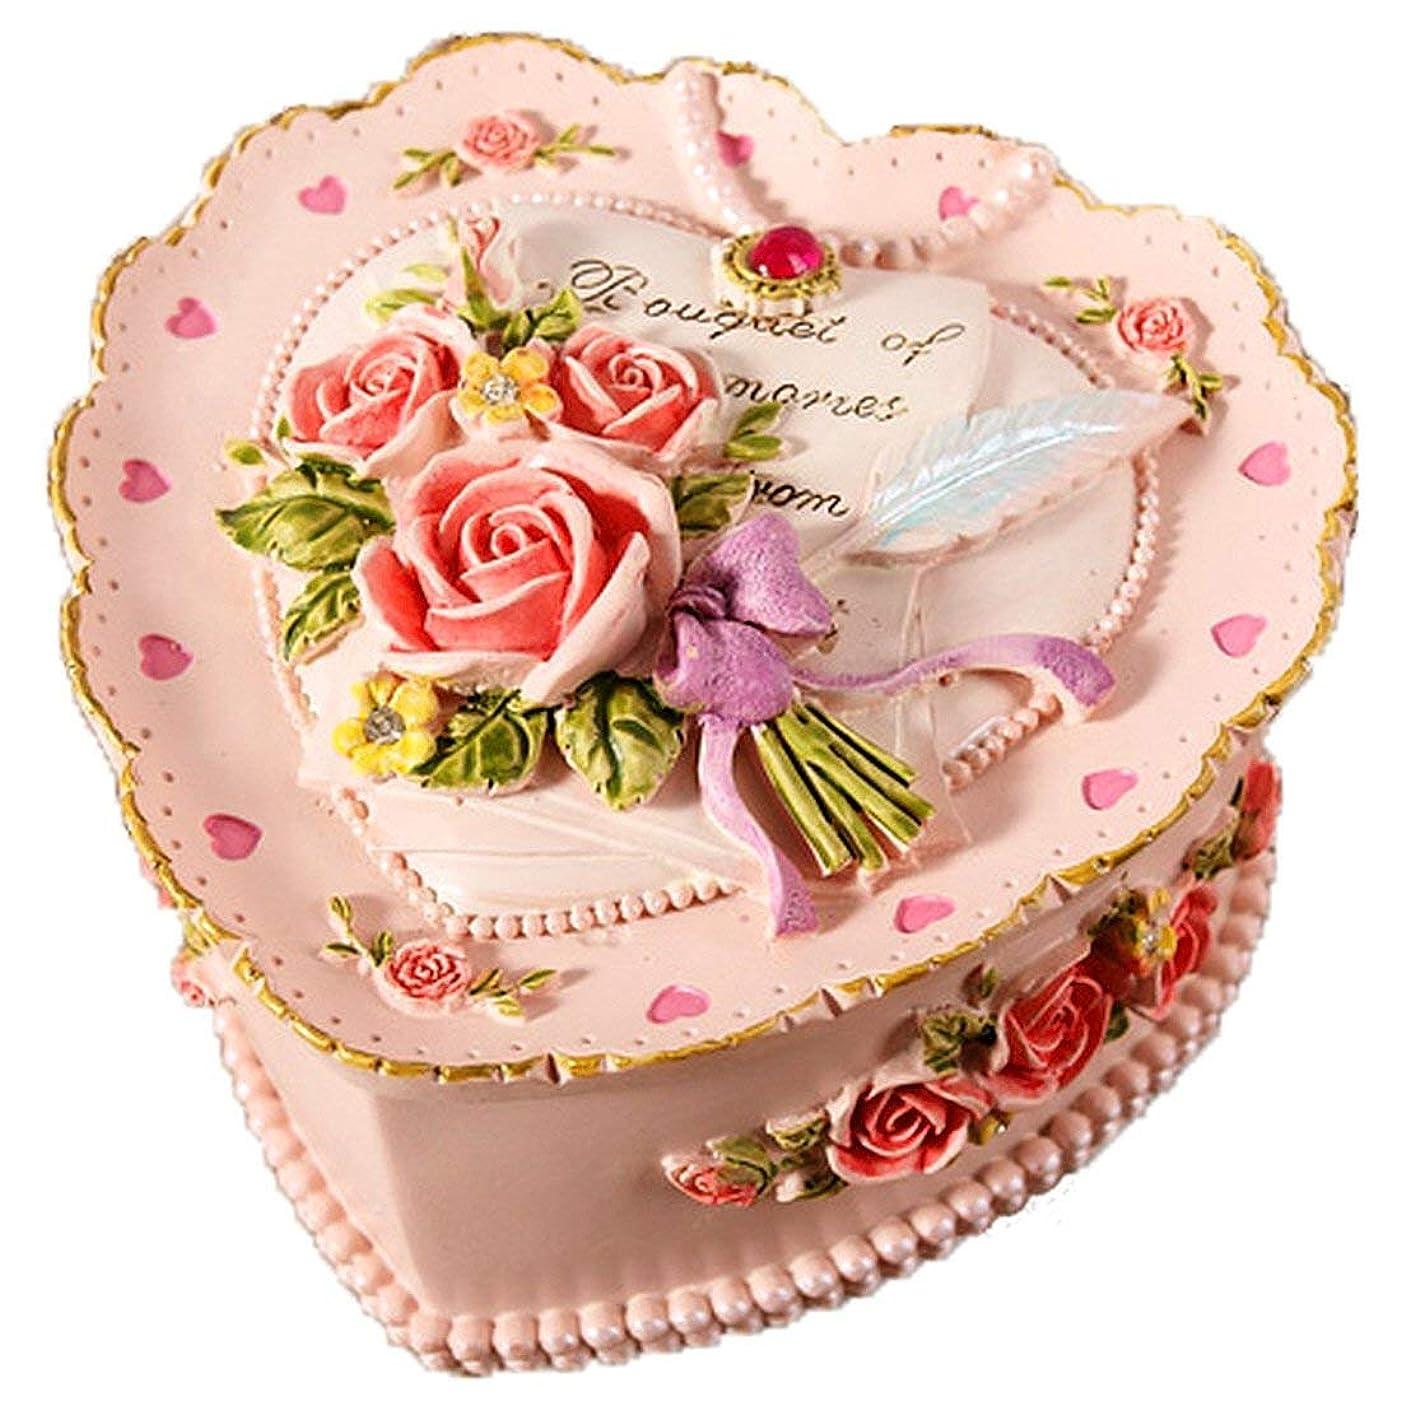 つまずく融合山積みの宝石箱 可愛い ロココ調 ジュエリーボックス アクセサリー ケース 小物入れ ボックス コレクション インテリア (ローズ?ピンク)【SiSe9】